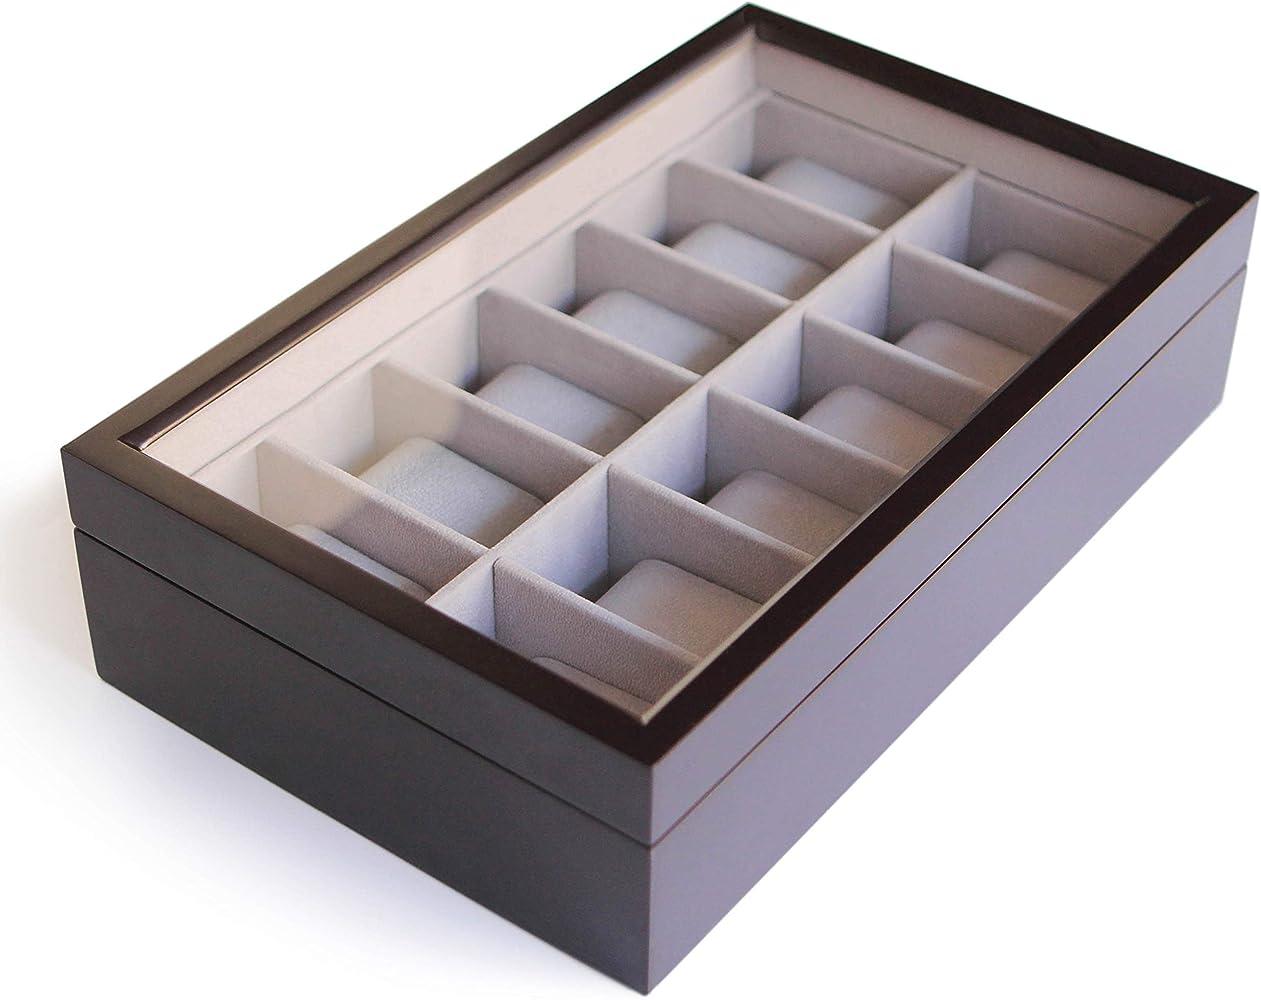 Caja Organizadora de Relojes de Madera Maciza Color Café Oscuro ...